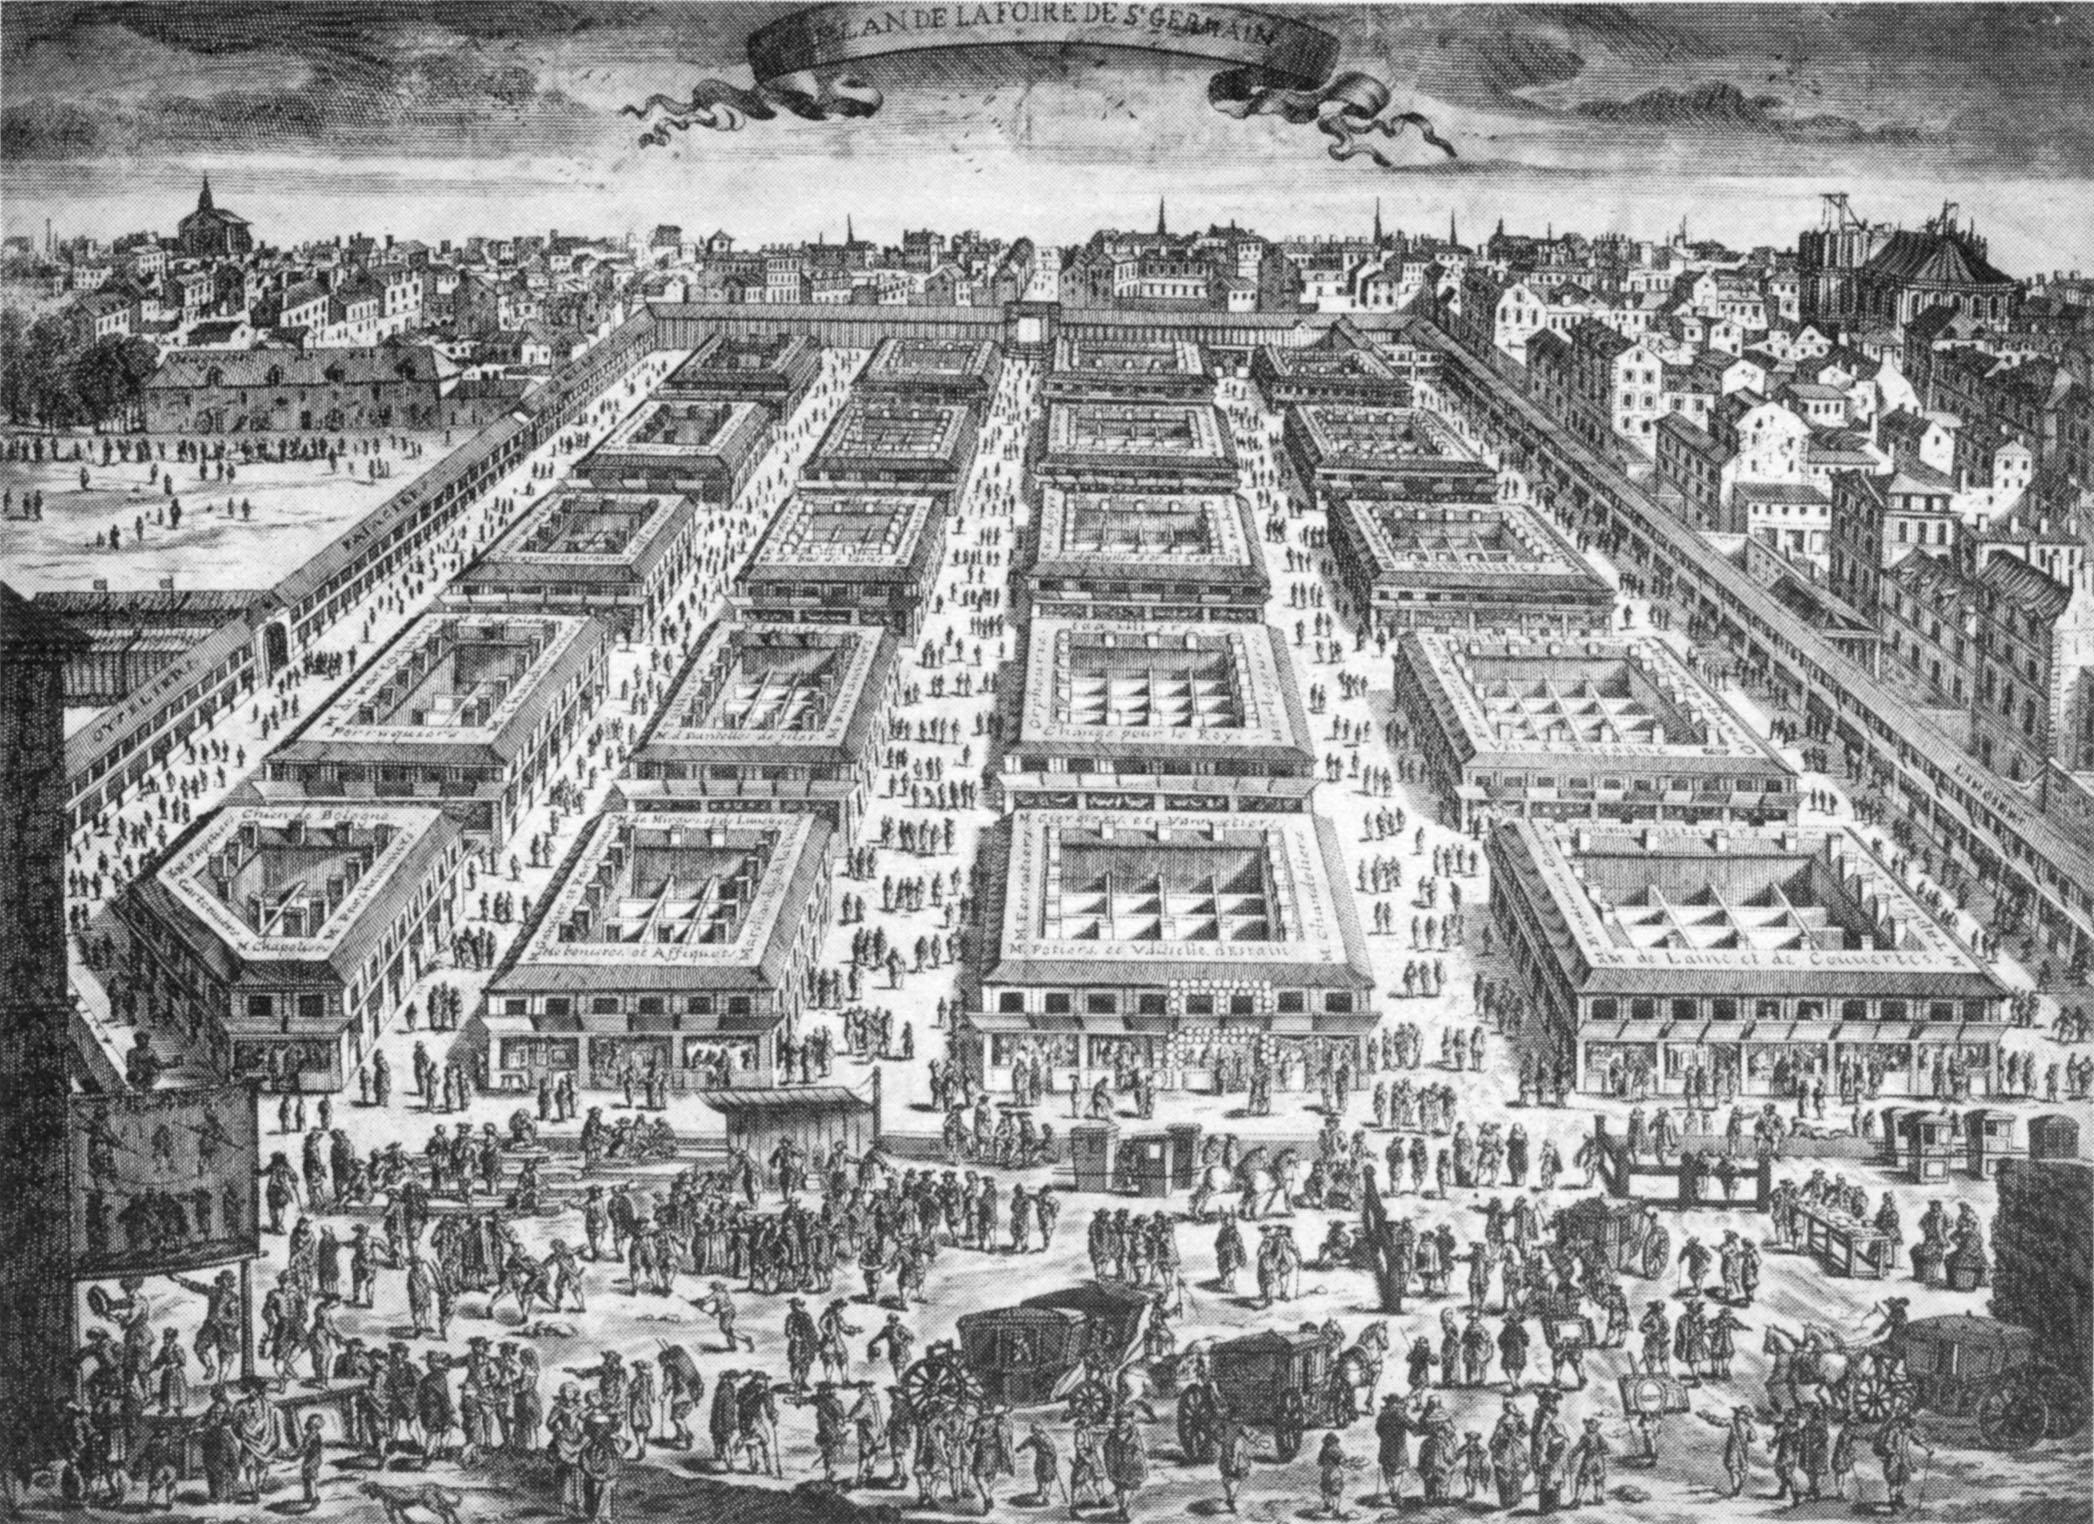 The Saint-Germain Fair in 1670